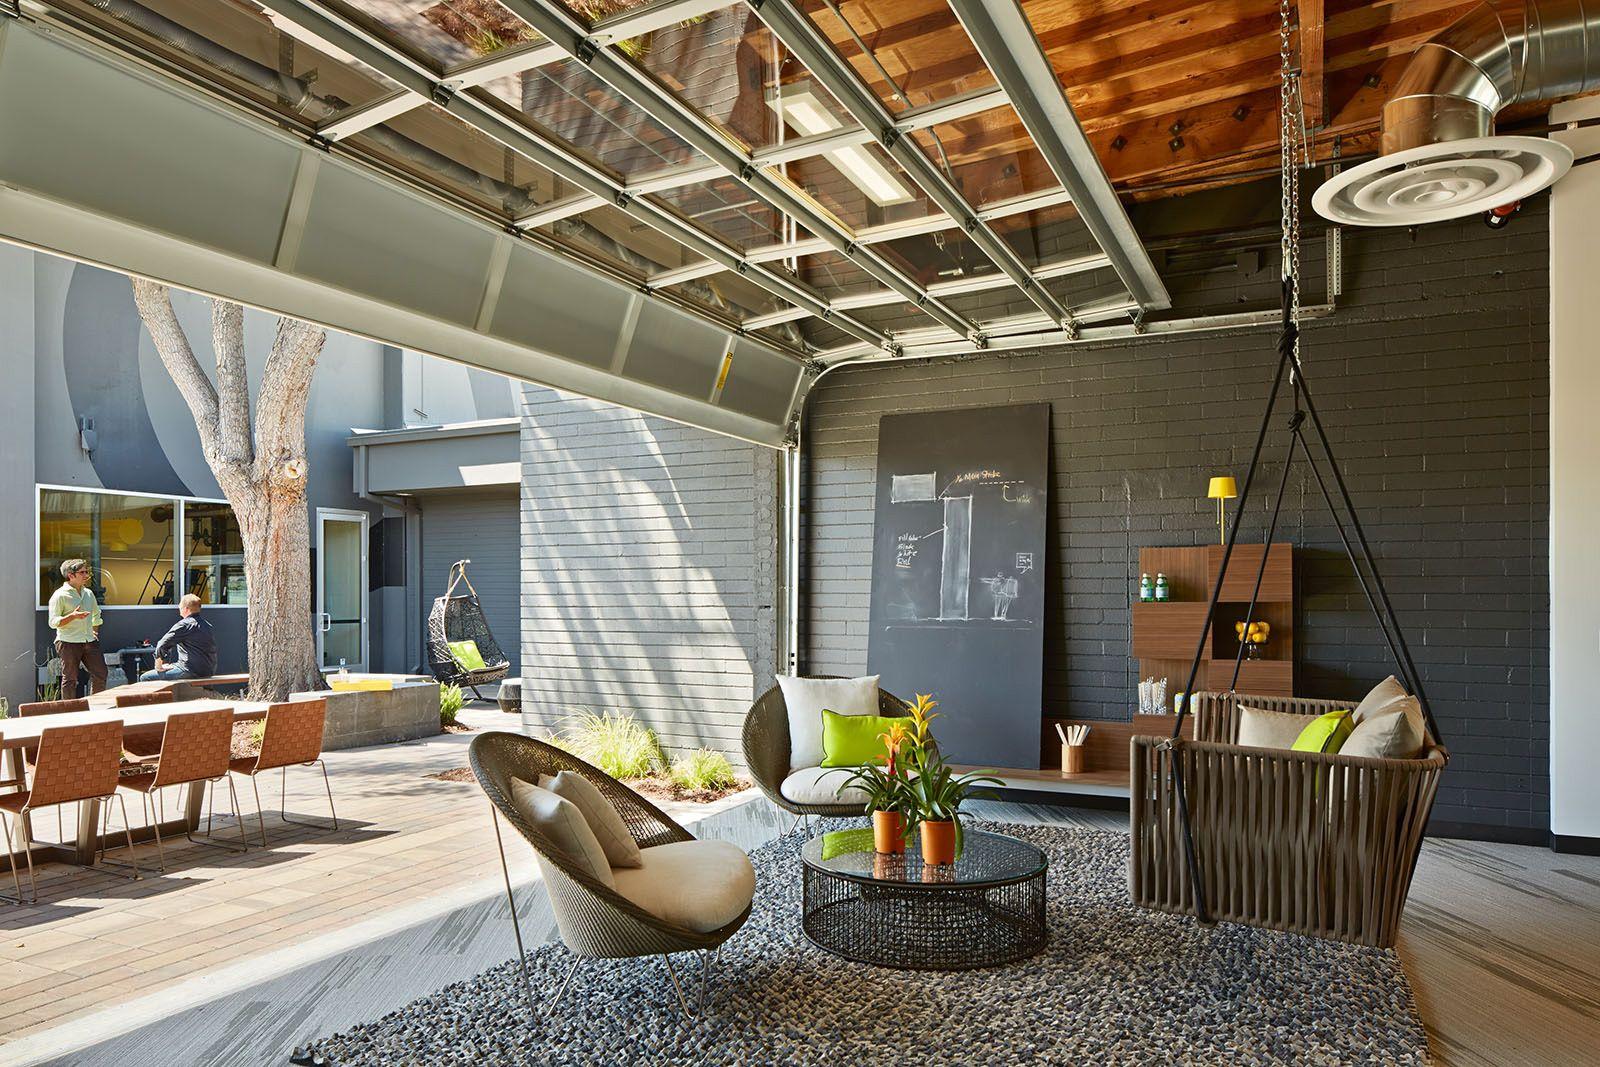 One workplace outdoor office with open garage breakout area garage doors glass garage door